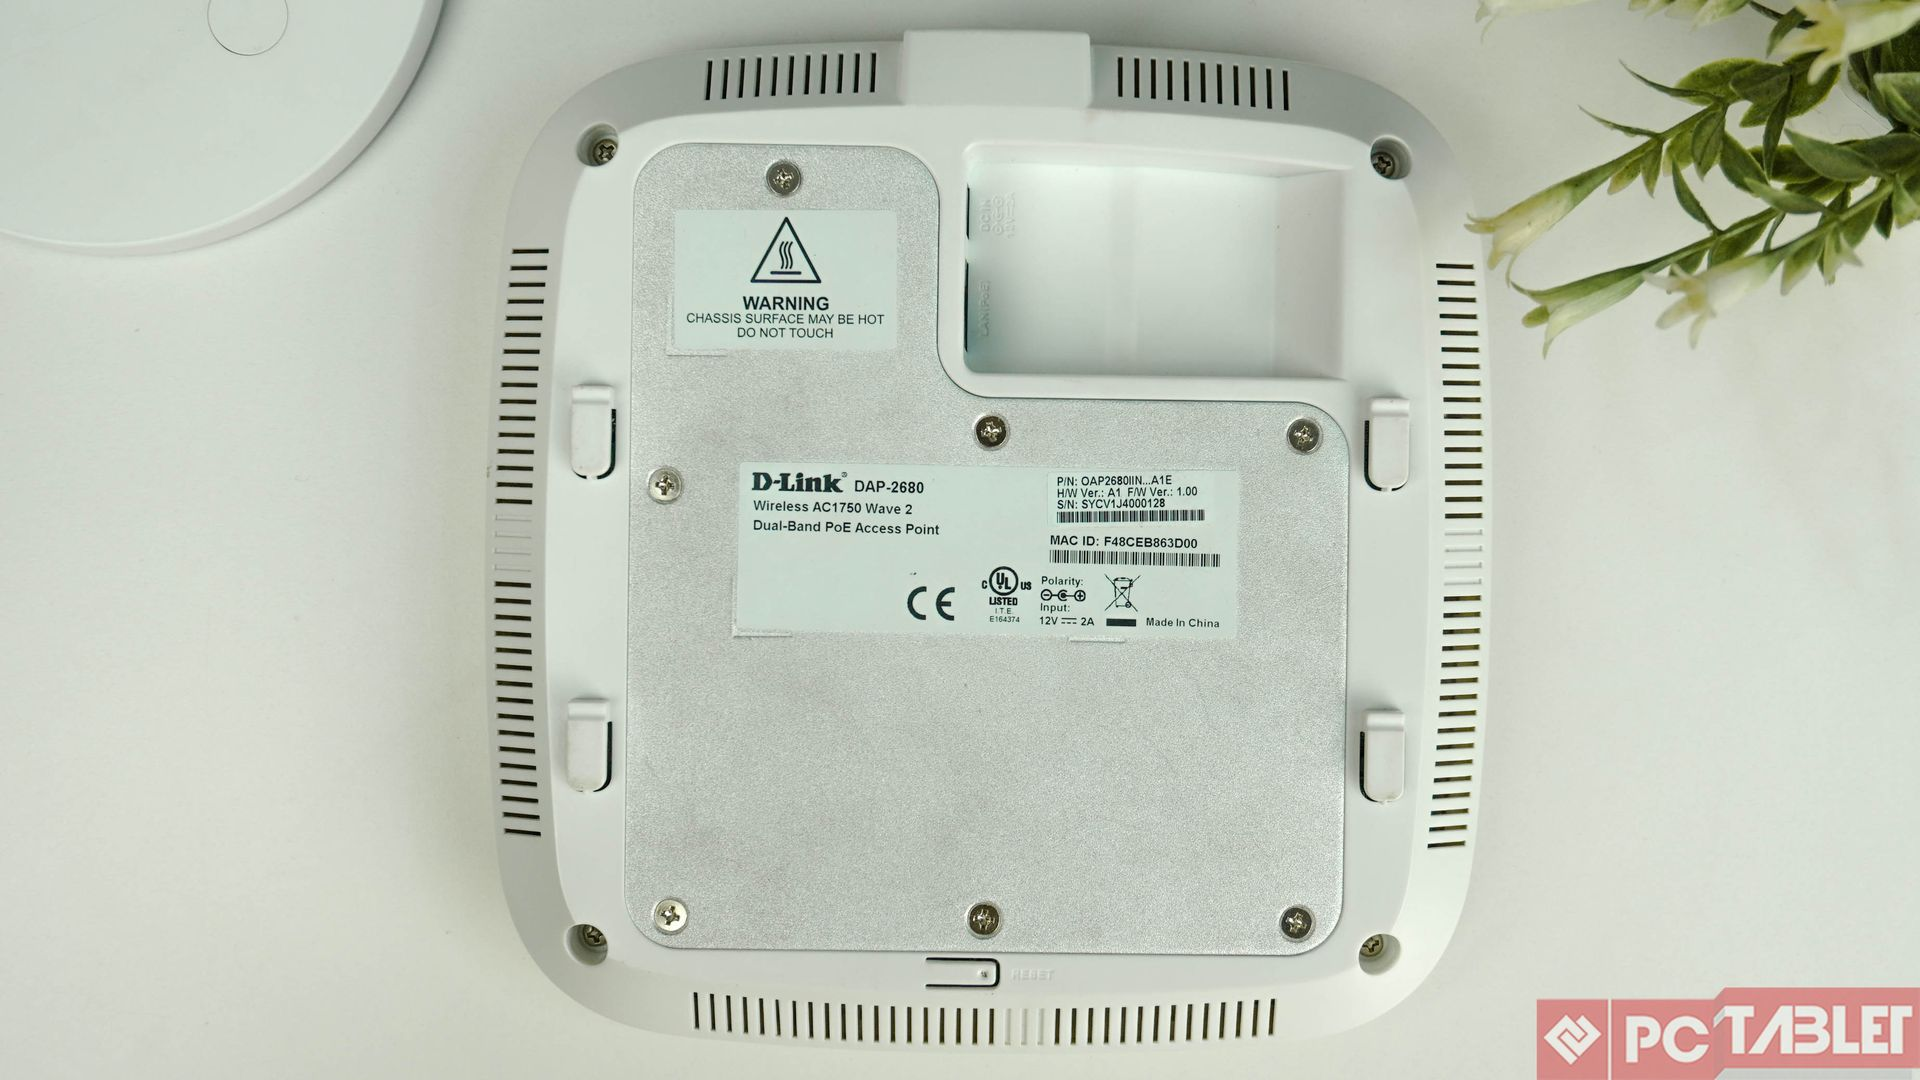 D Link DAP 2680 Dual Band 3